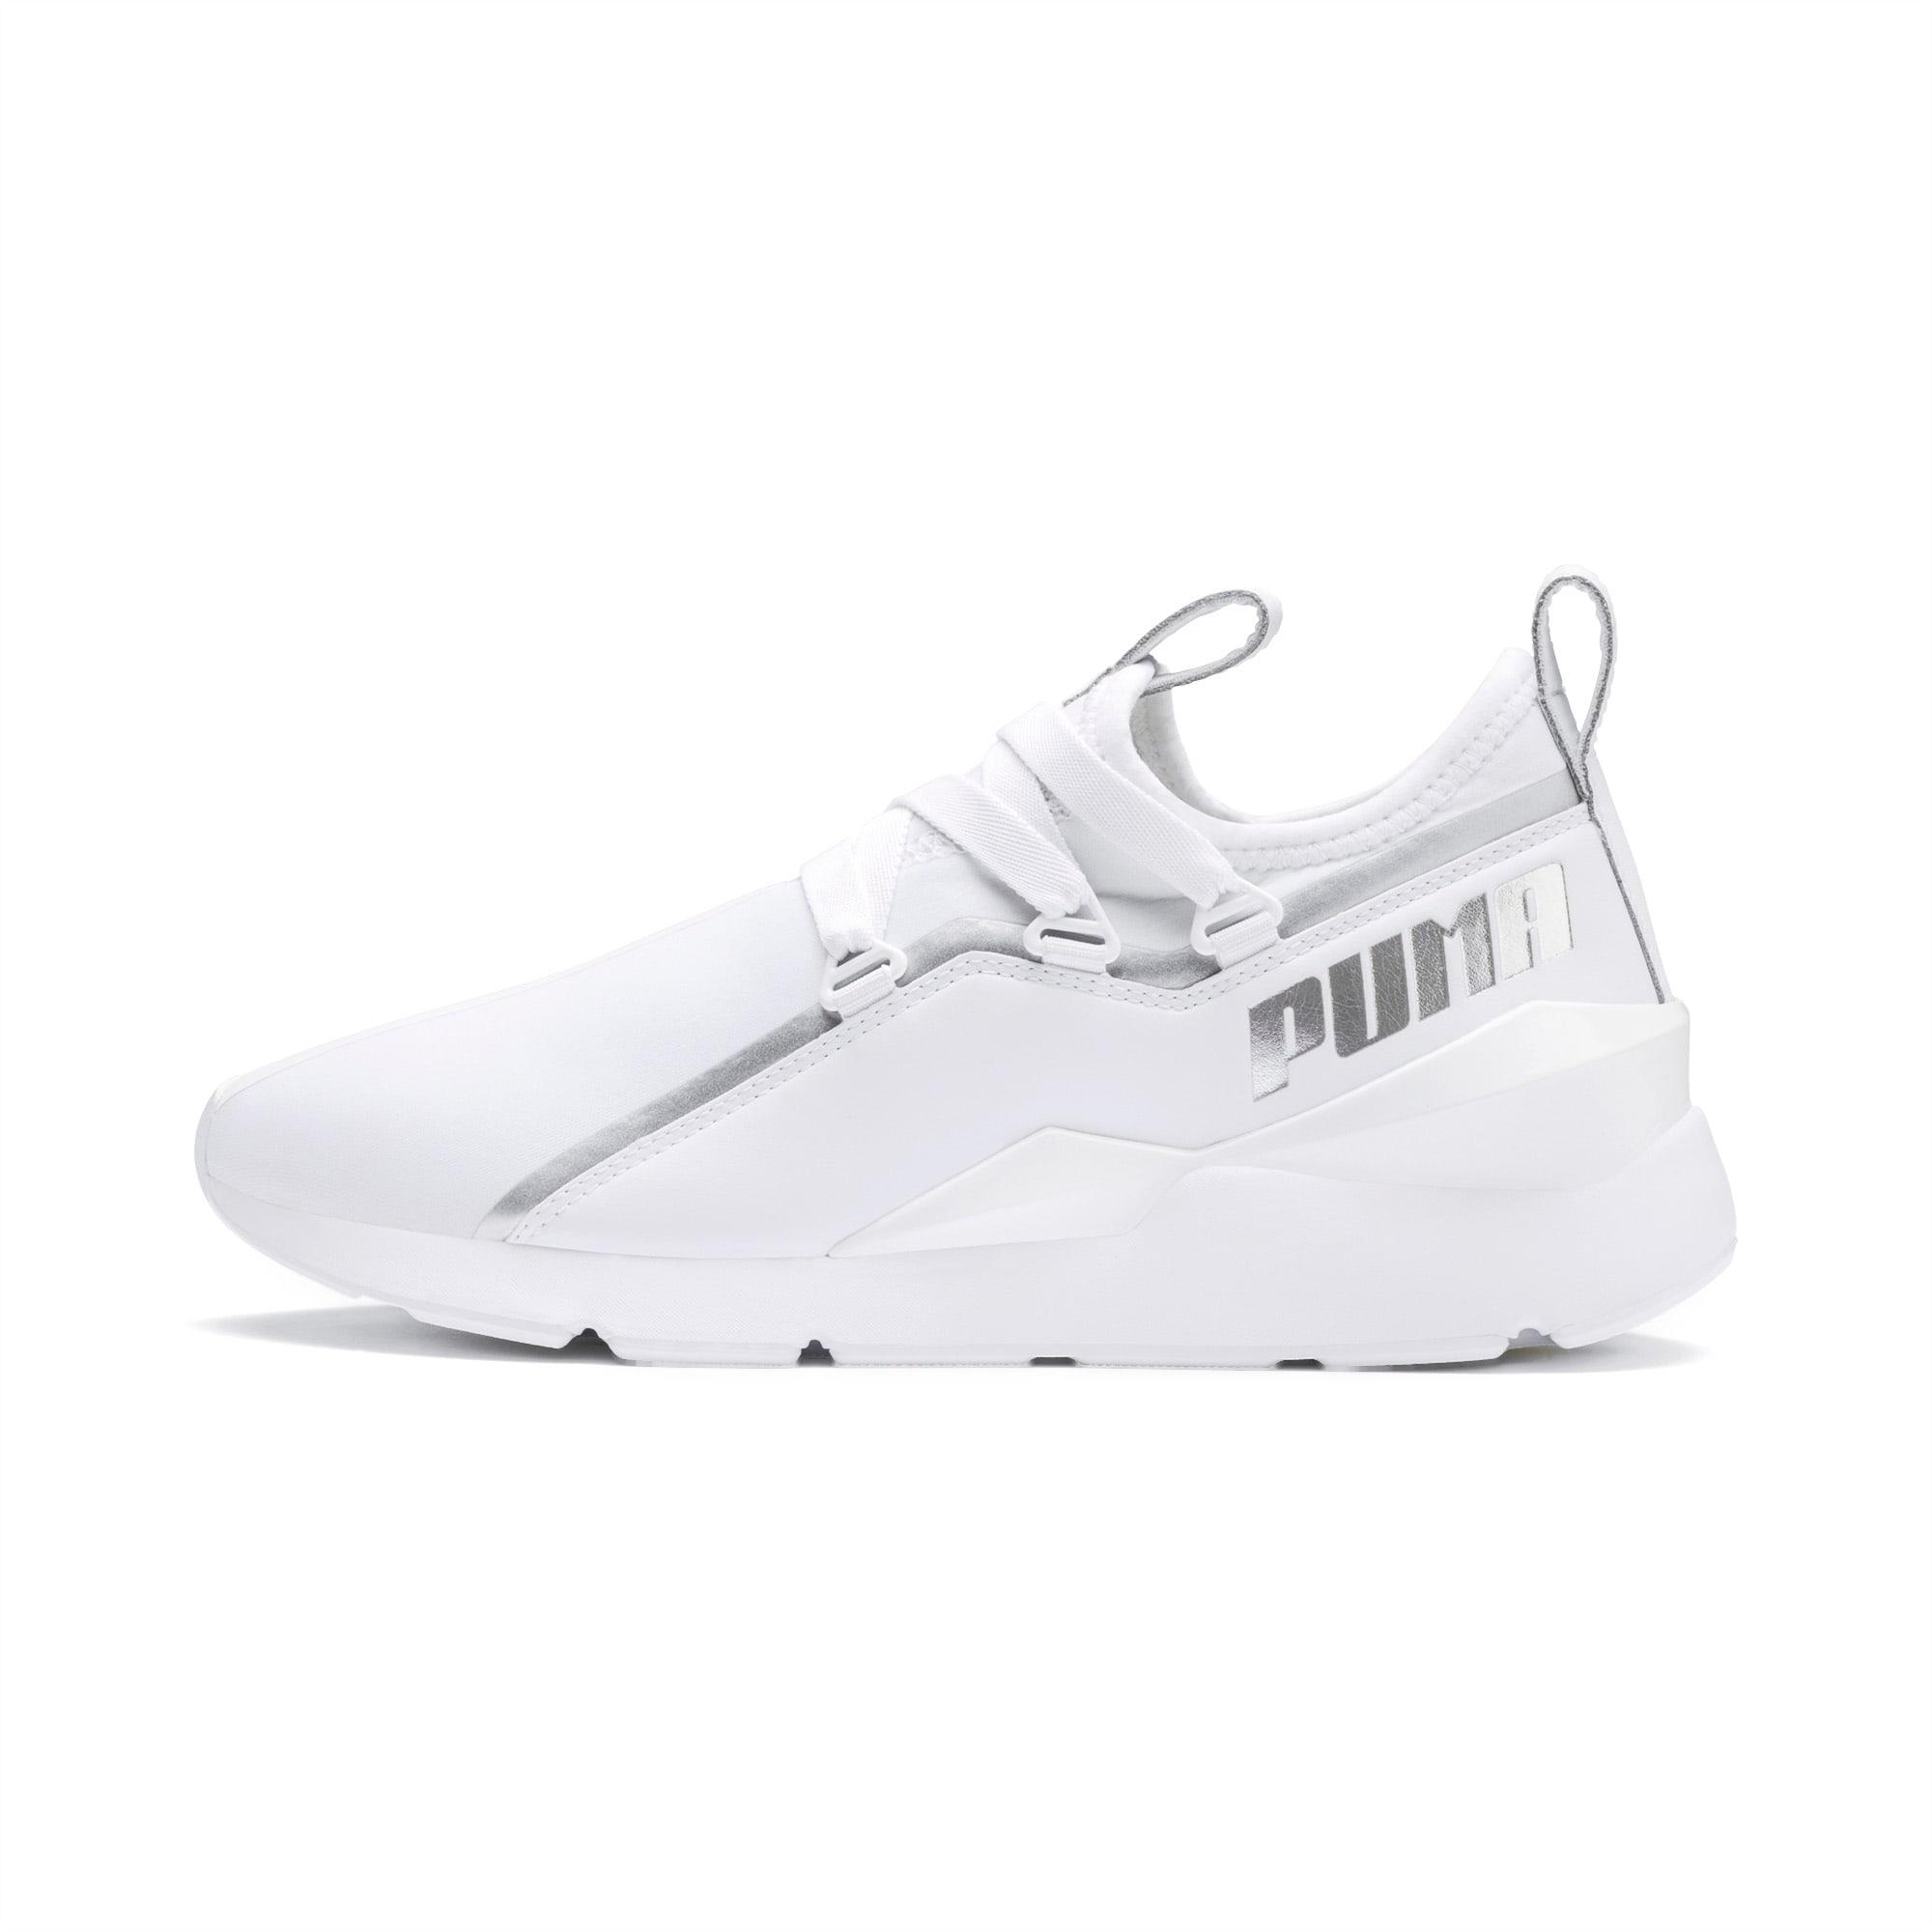 Muse 2 Trailblazer Women's Sneakers